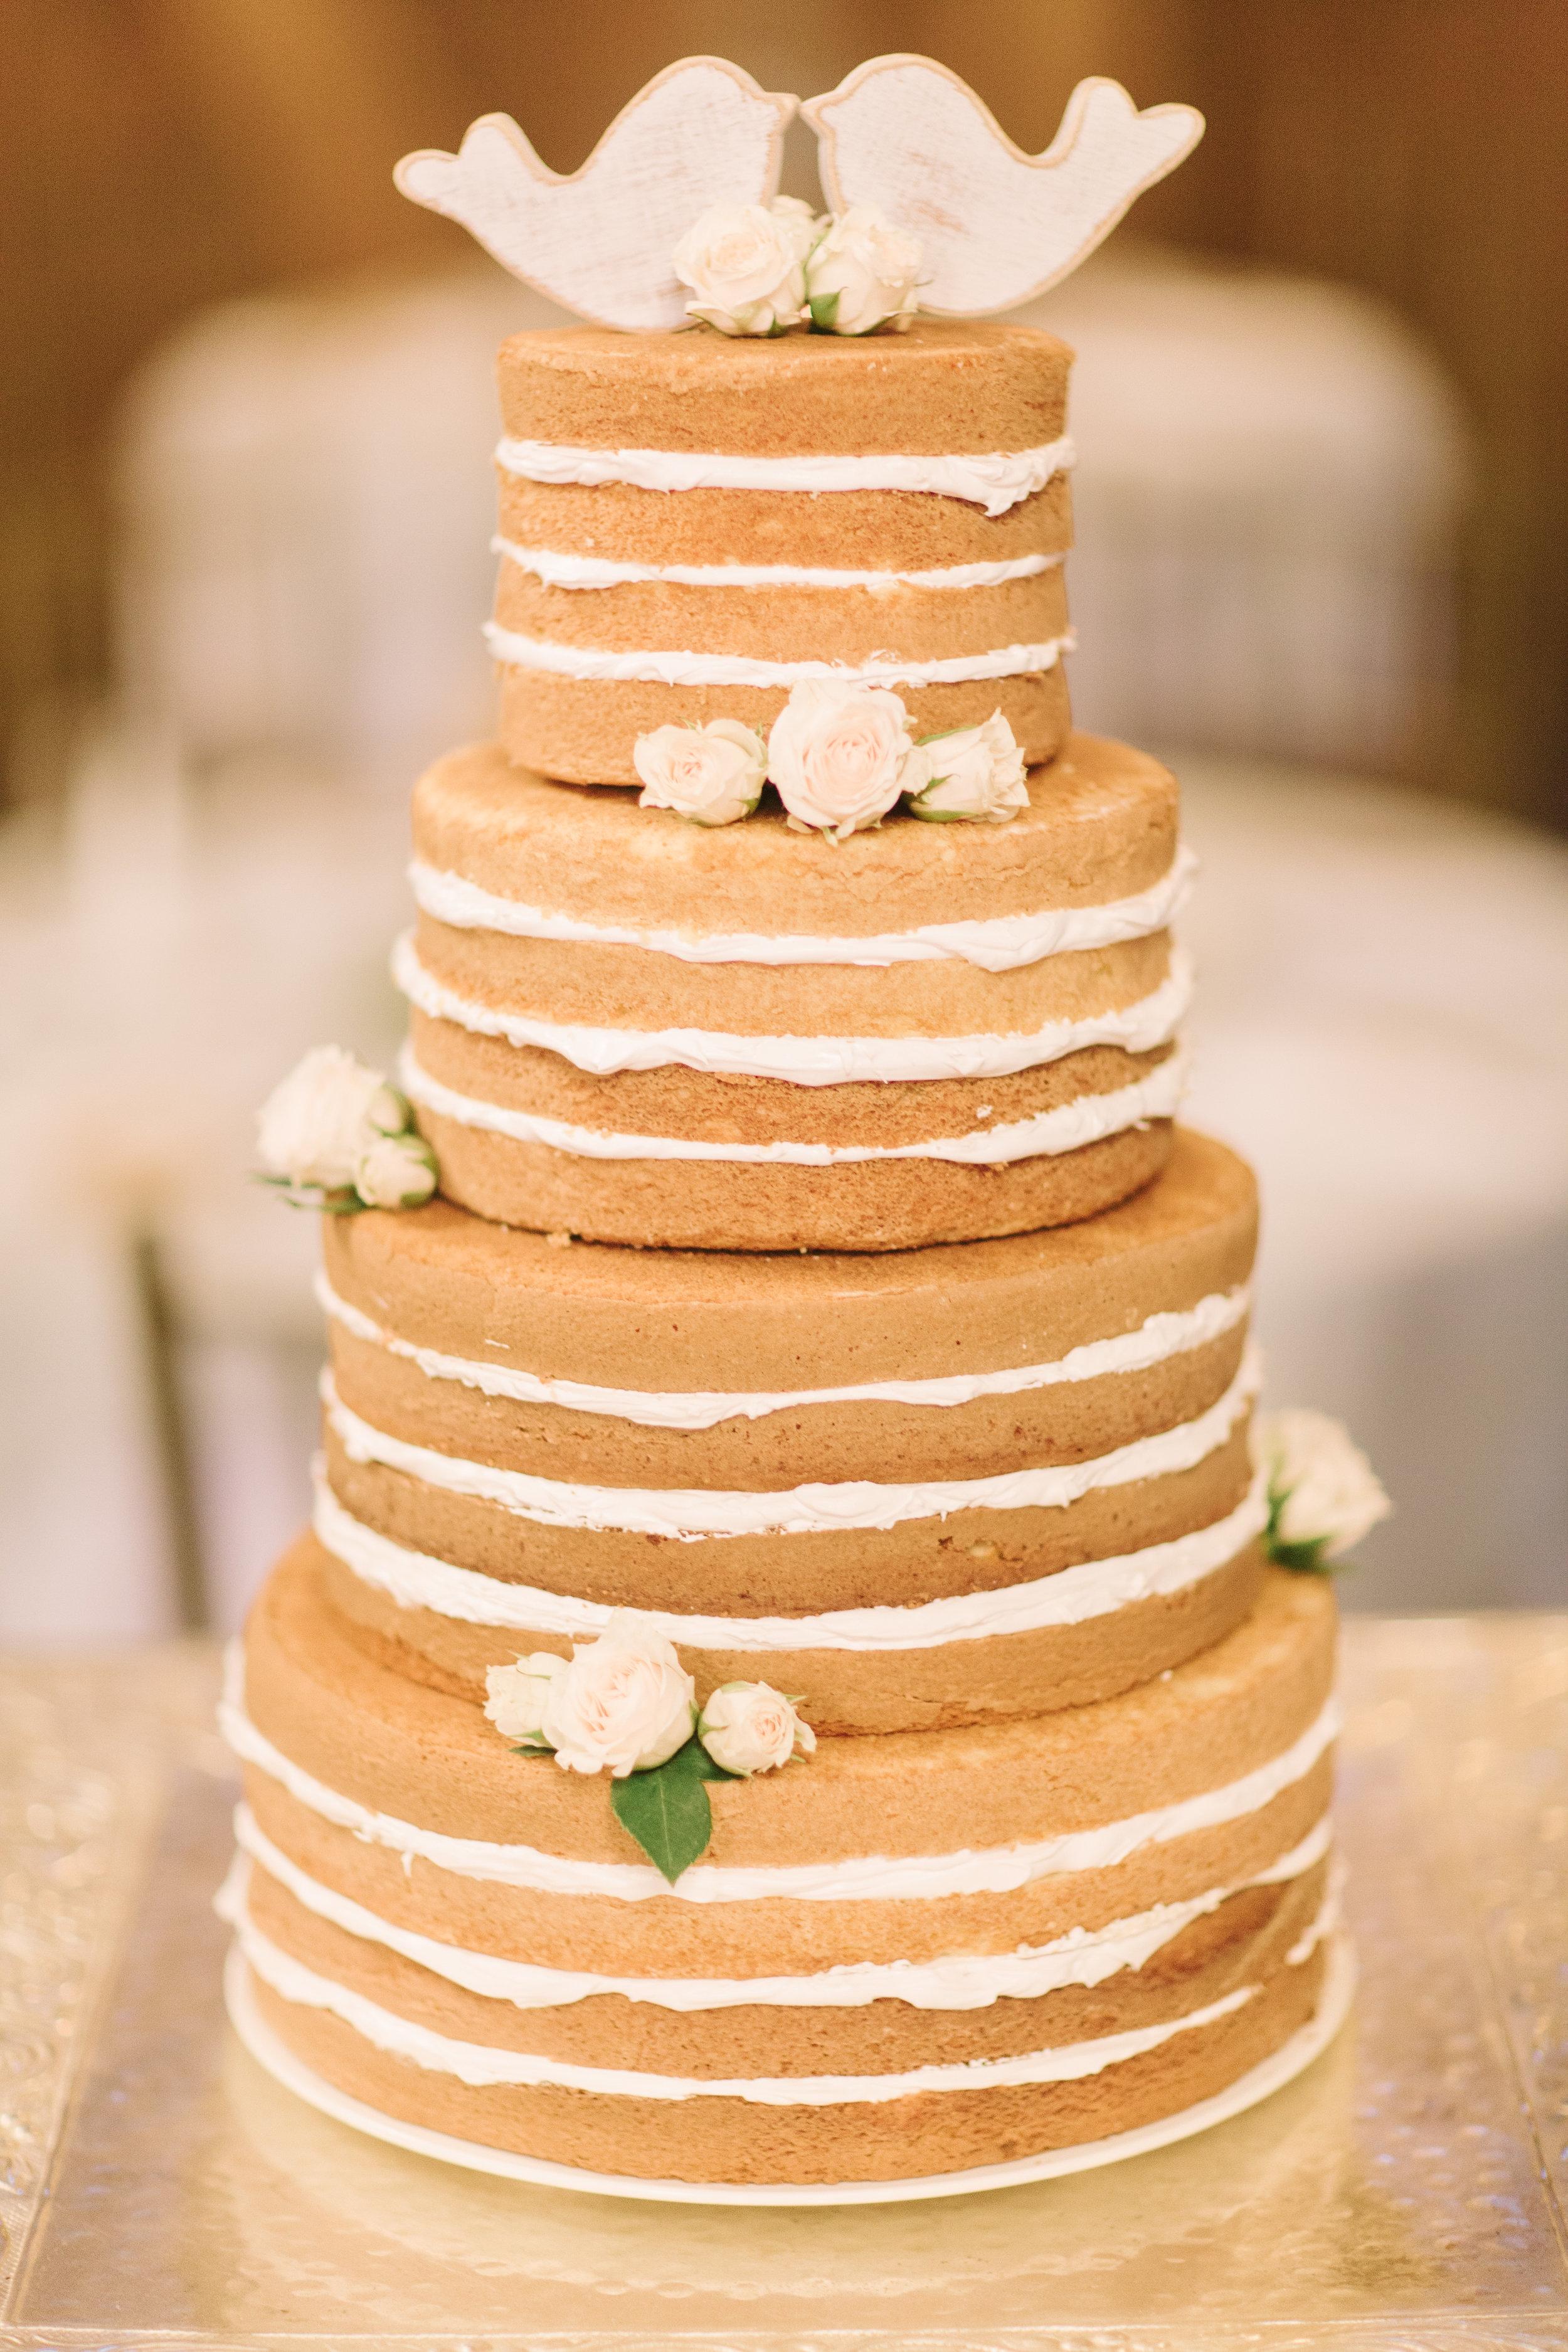 Naked Wedding Cake (Photo Credit: Derek+Diane)